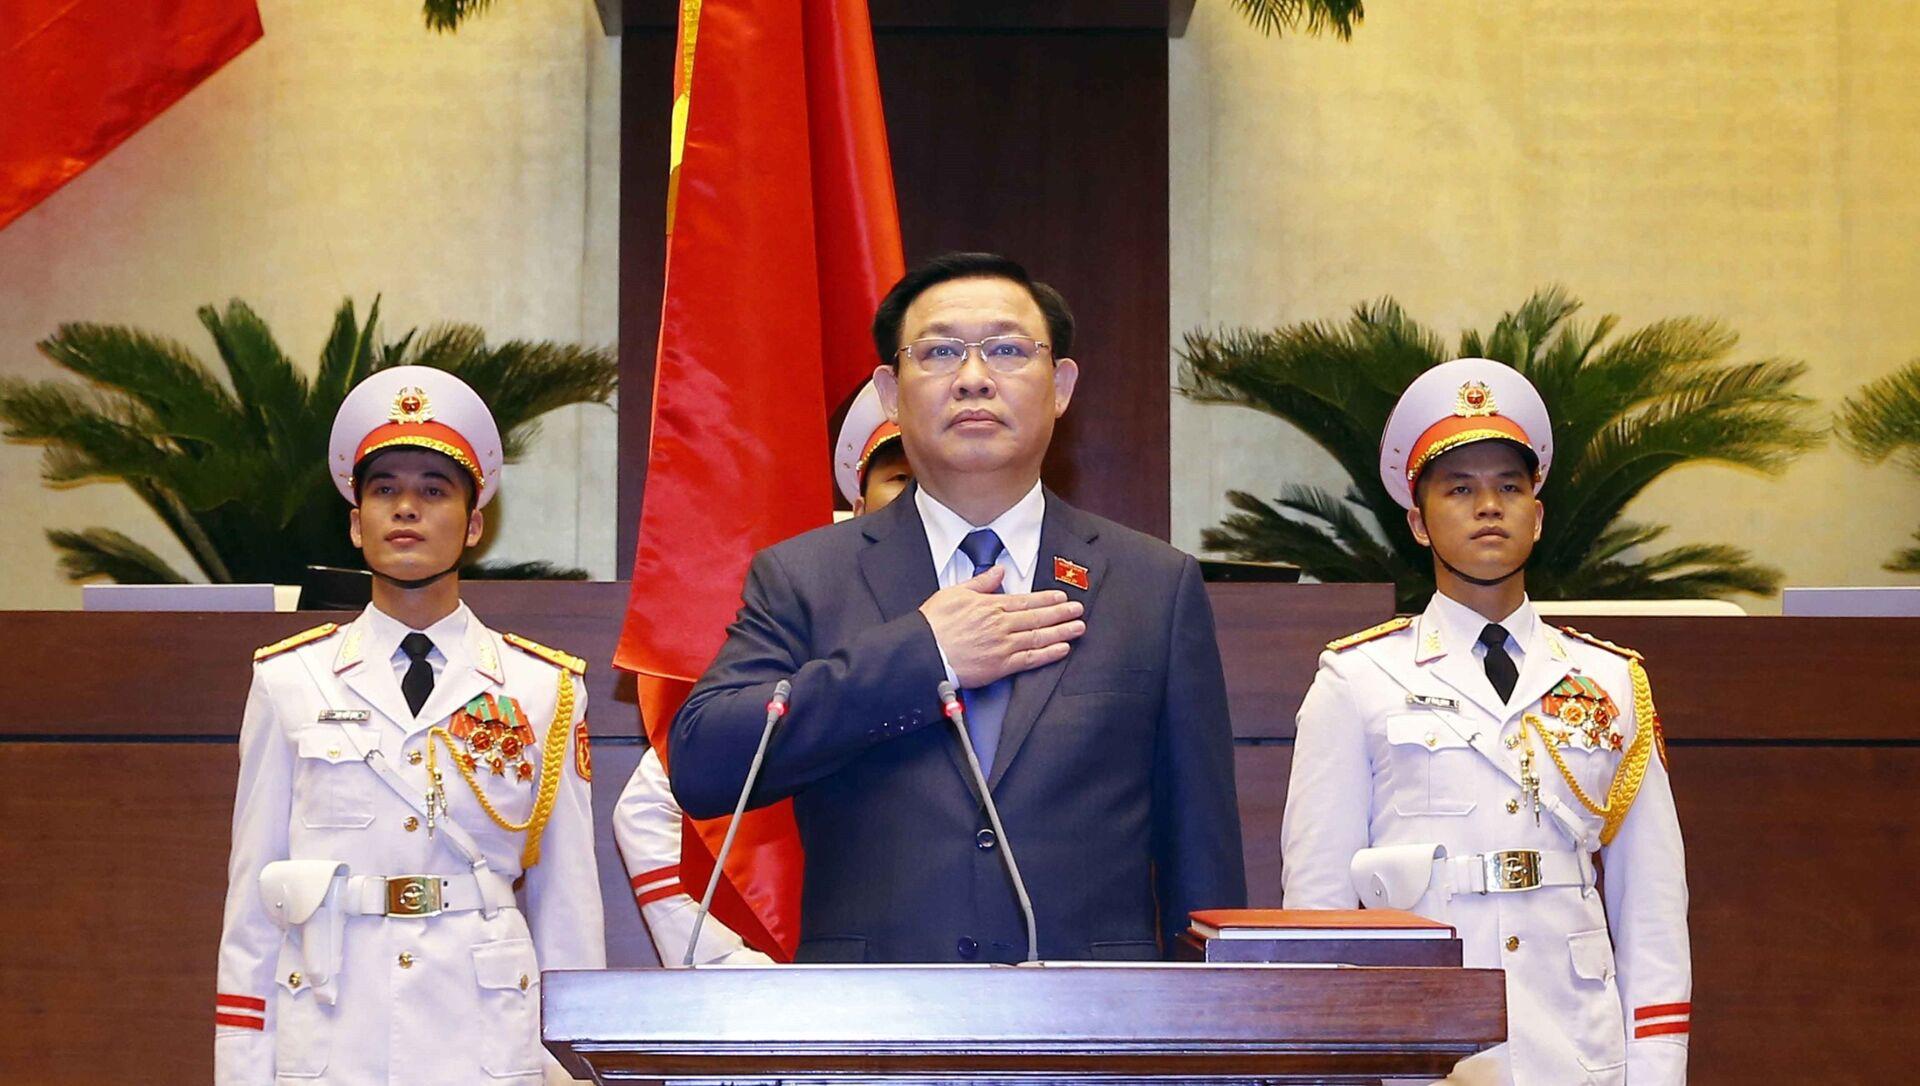 Đồng chí Vương Đình Huệ tuyên thệ nhậm chức Chủ tịch Quốc hội khóa XV. - Sputnik Việt Nam, 1920, 20.07.2021